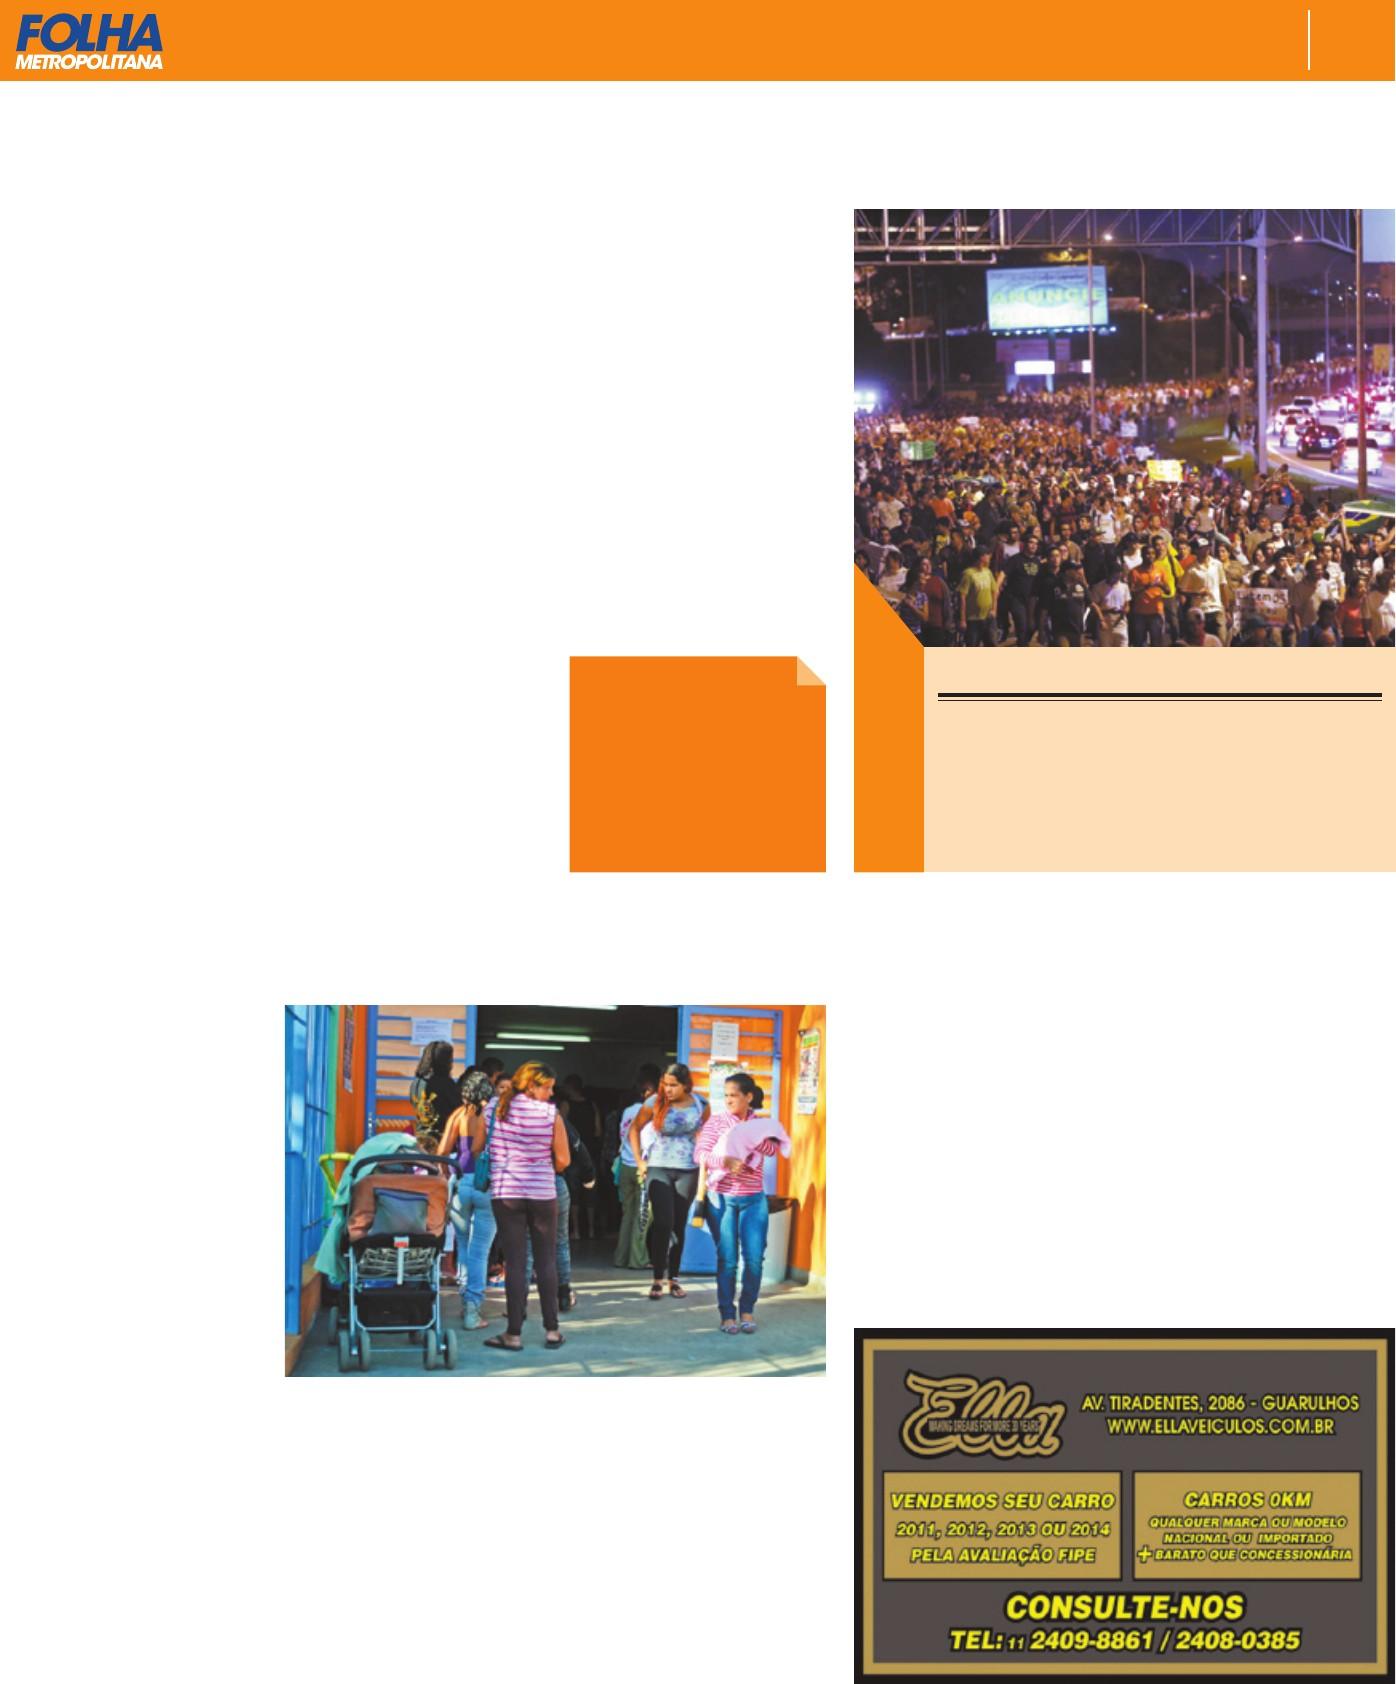 Calendario 2020 Feriados Guarulhos Actual Folha Metropolitana 11 07 2013 Of Calendario 2020 Feriados Guarulhos Recientes Do Brasil Prefeitura Dá Tem Dia Livre Aumento De Dos